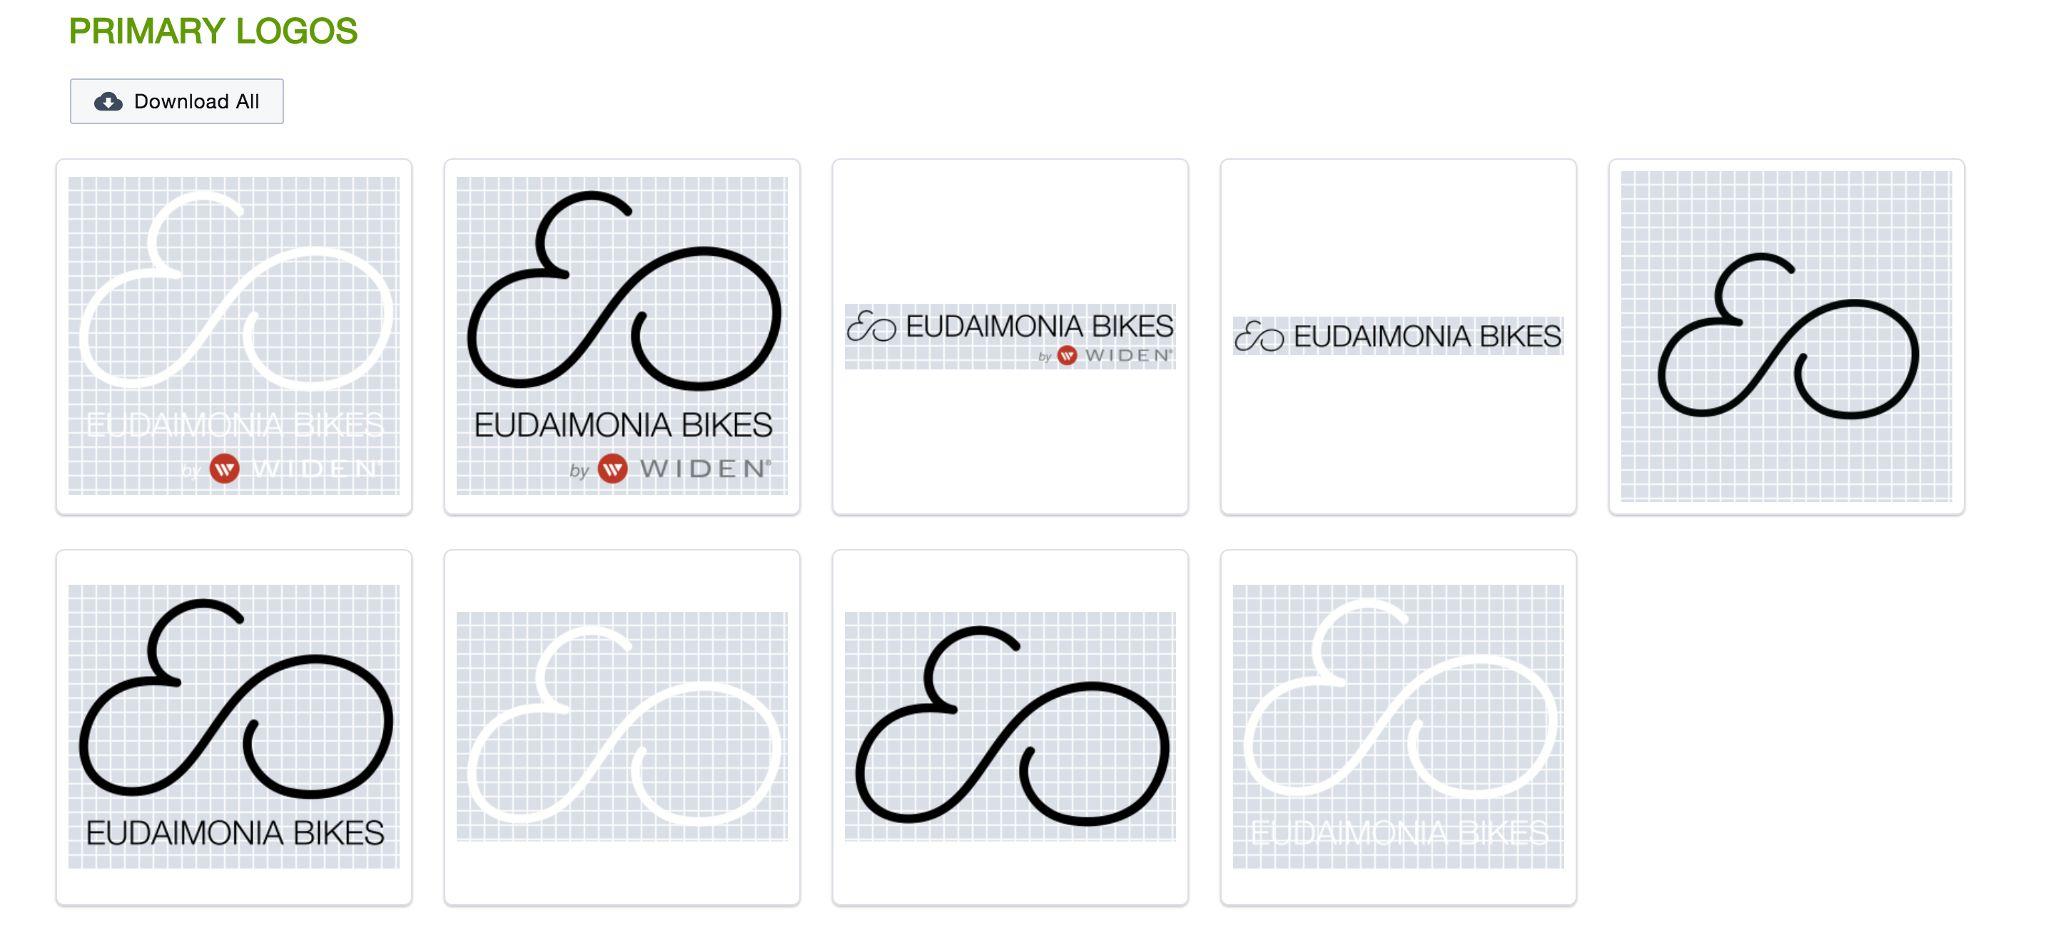 Eudaimonia Bikes Brand Kit Logos Example